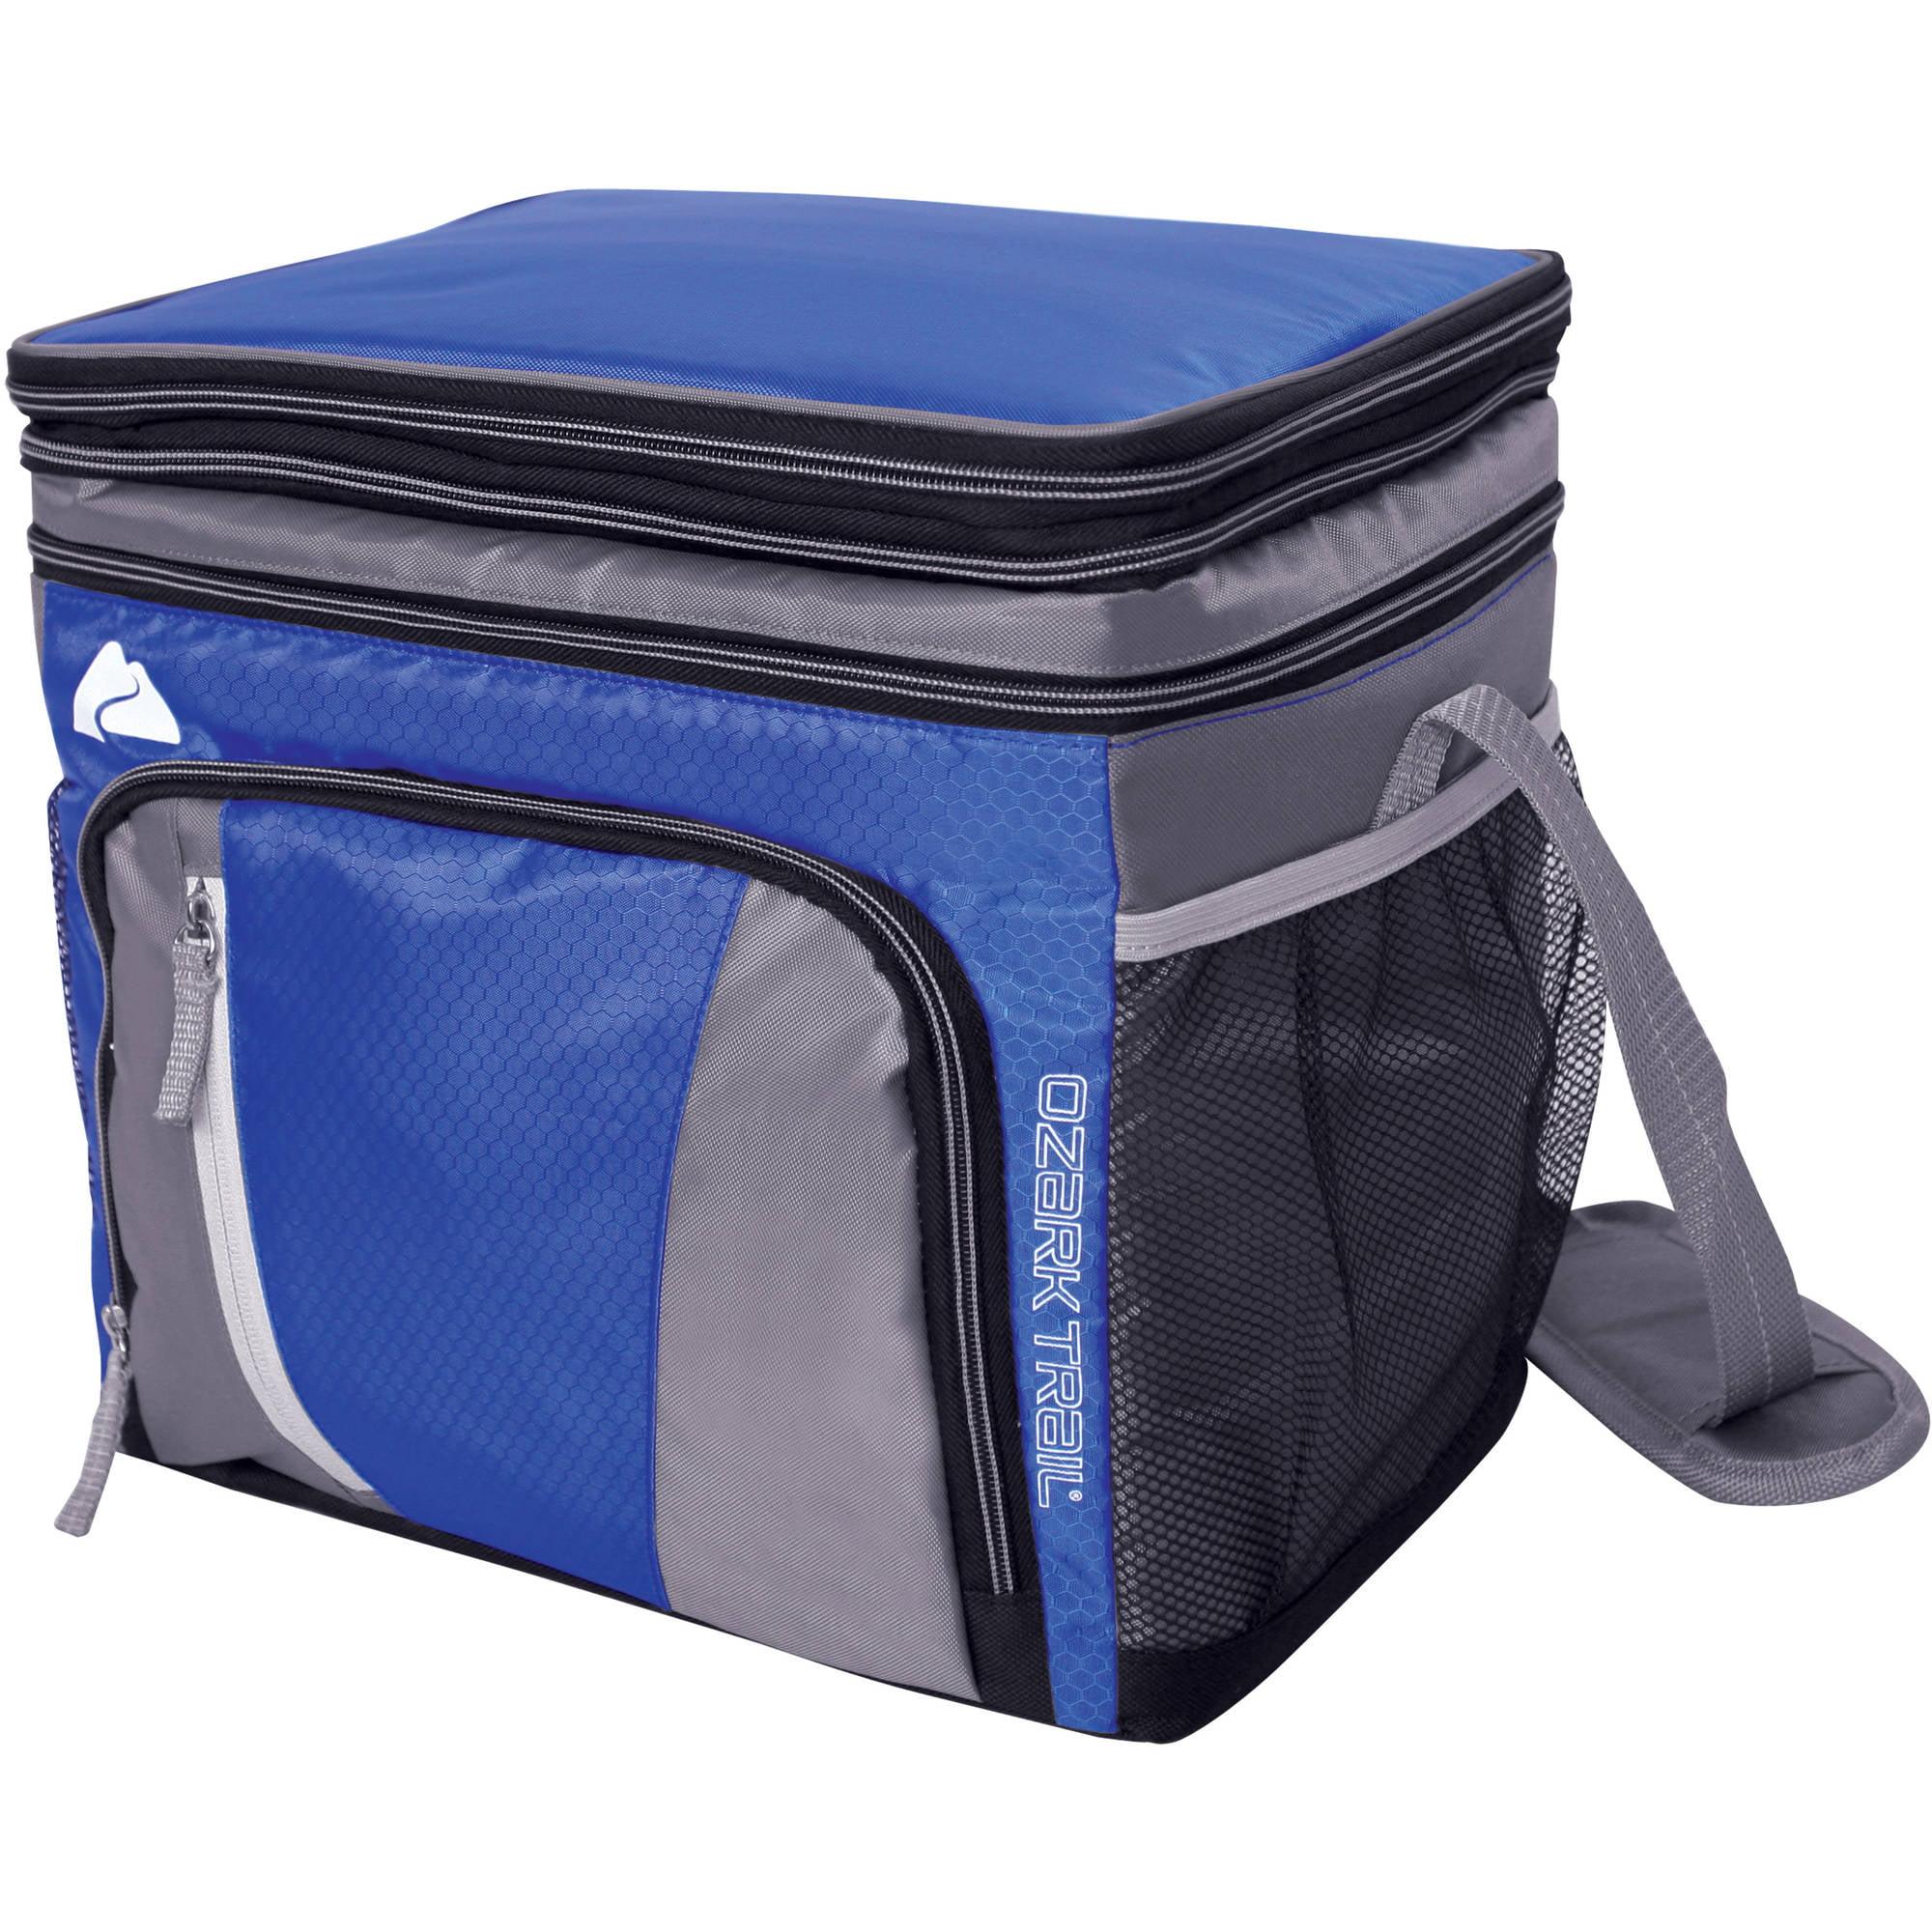 Ozark Trail 24-Can Cooler with Removable Hardliner, Blue